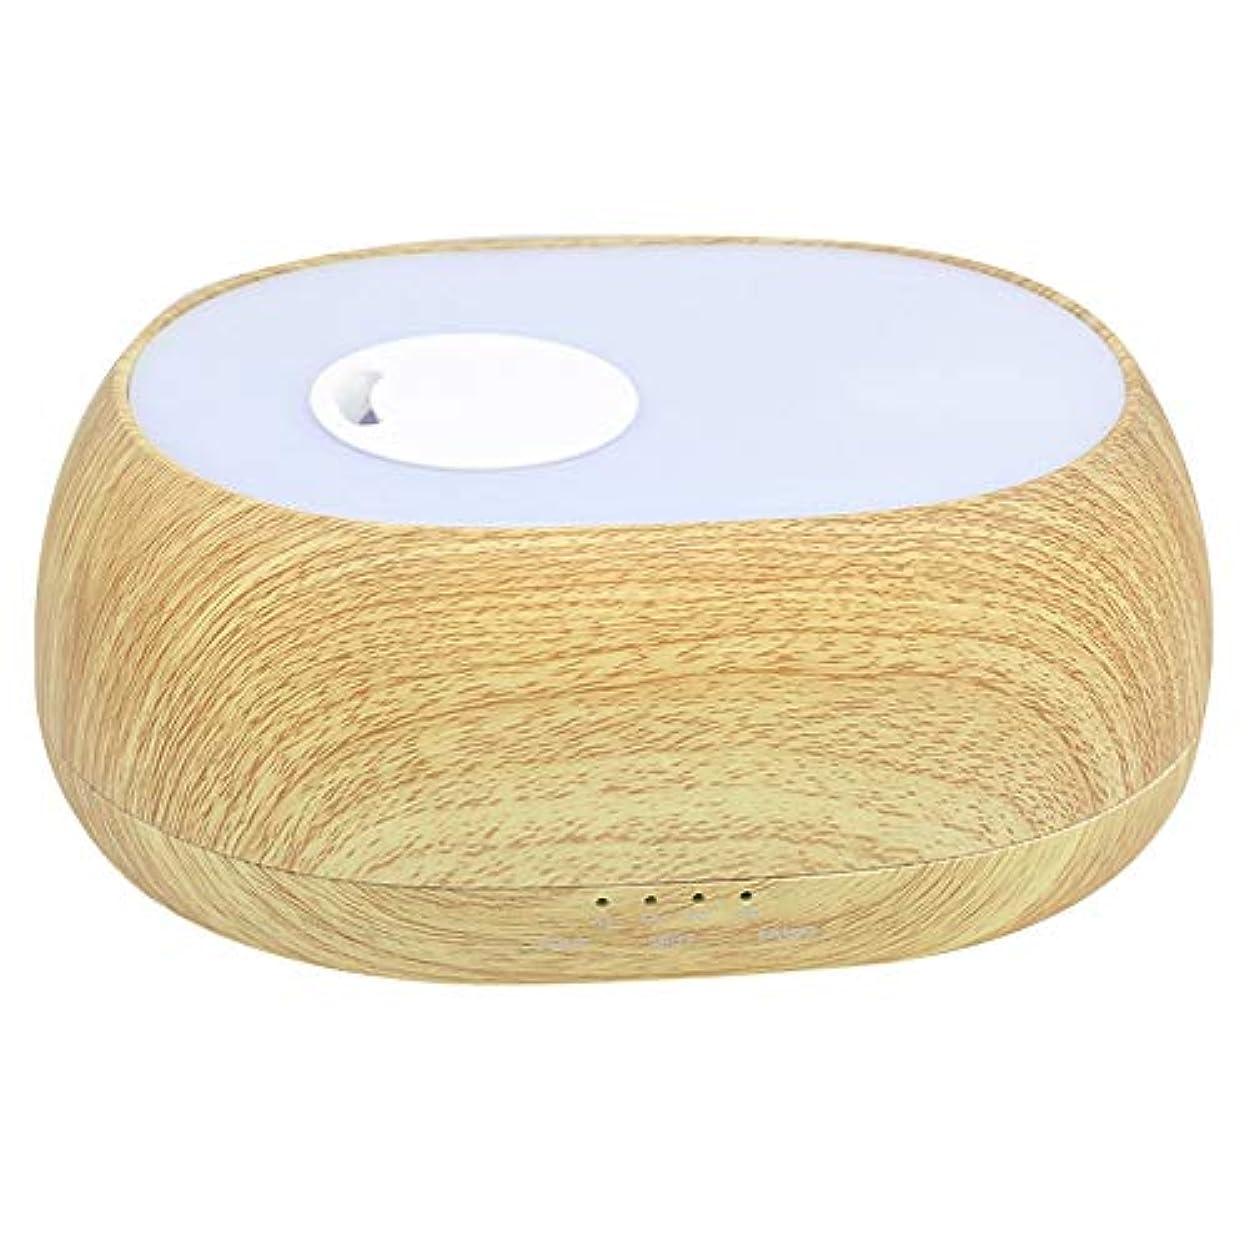 始まり多様な父方の加湿器 超音波 クールミスト 7色ライト アロマセラピー 芳香 オイル蒸発器 ディフューザー エッセンシャルオイル エアー浄化 (500ml)(#1)